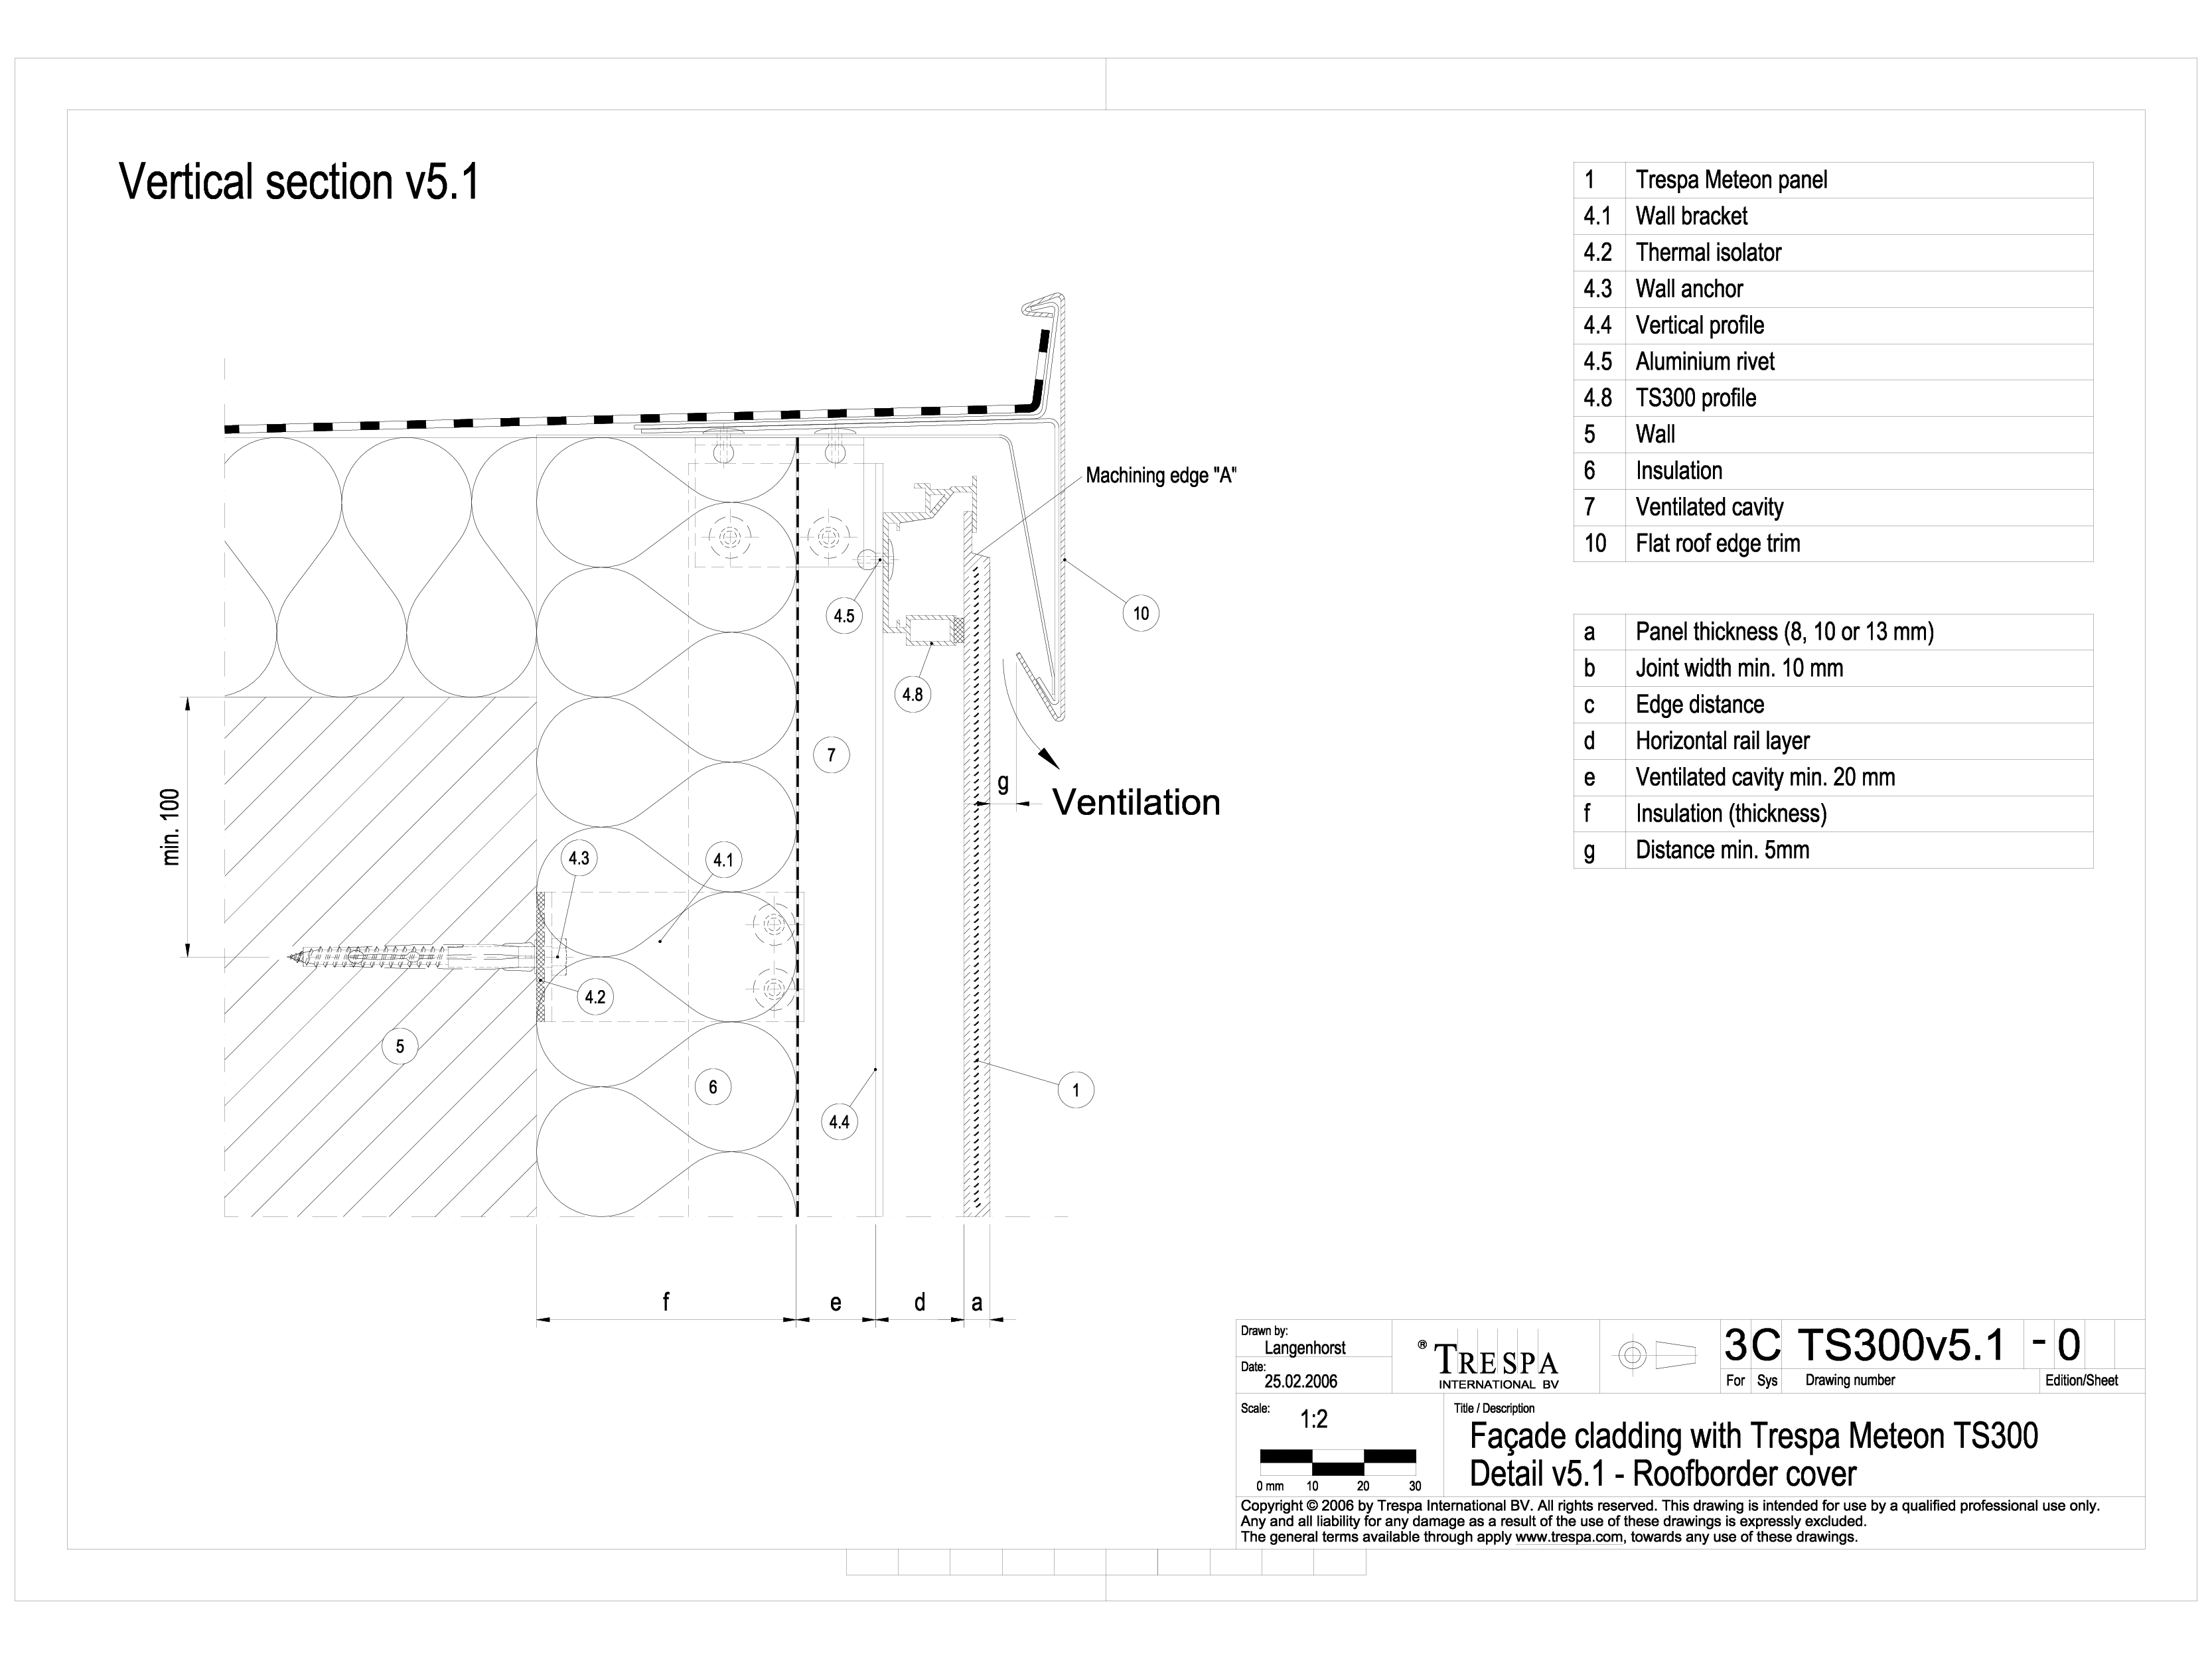 Sisteme de prindere fatade ventilate cu profile oarbe, detaliu de racordare la invelitoare METEON TRESPA Placi HPL pentru fatade ventilate GIBB TECHNOLOGIES  - Pagina 1